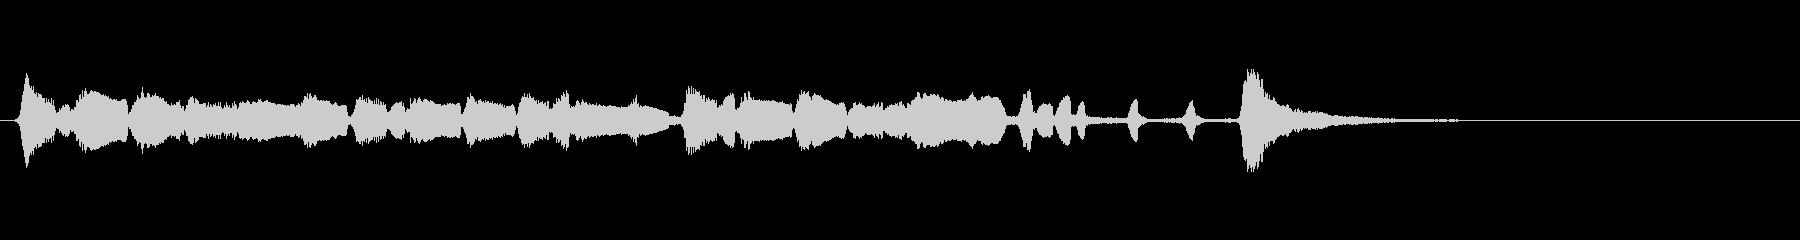 【生演奏】アコーディオンジングル26の未再生の波形